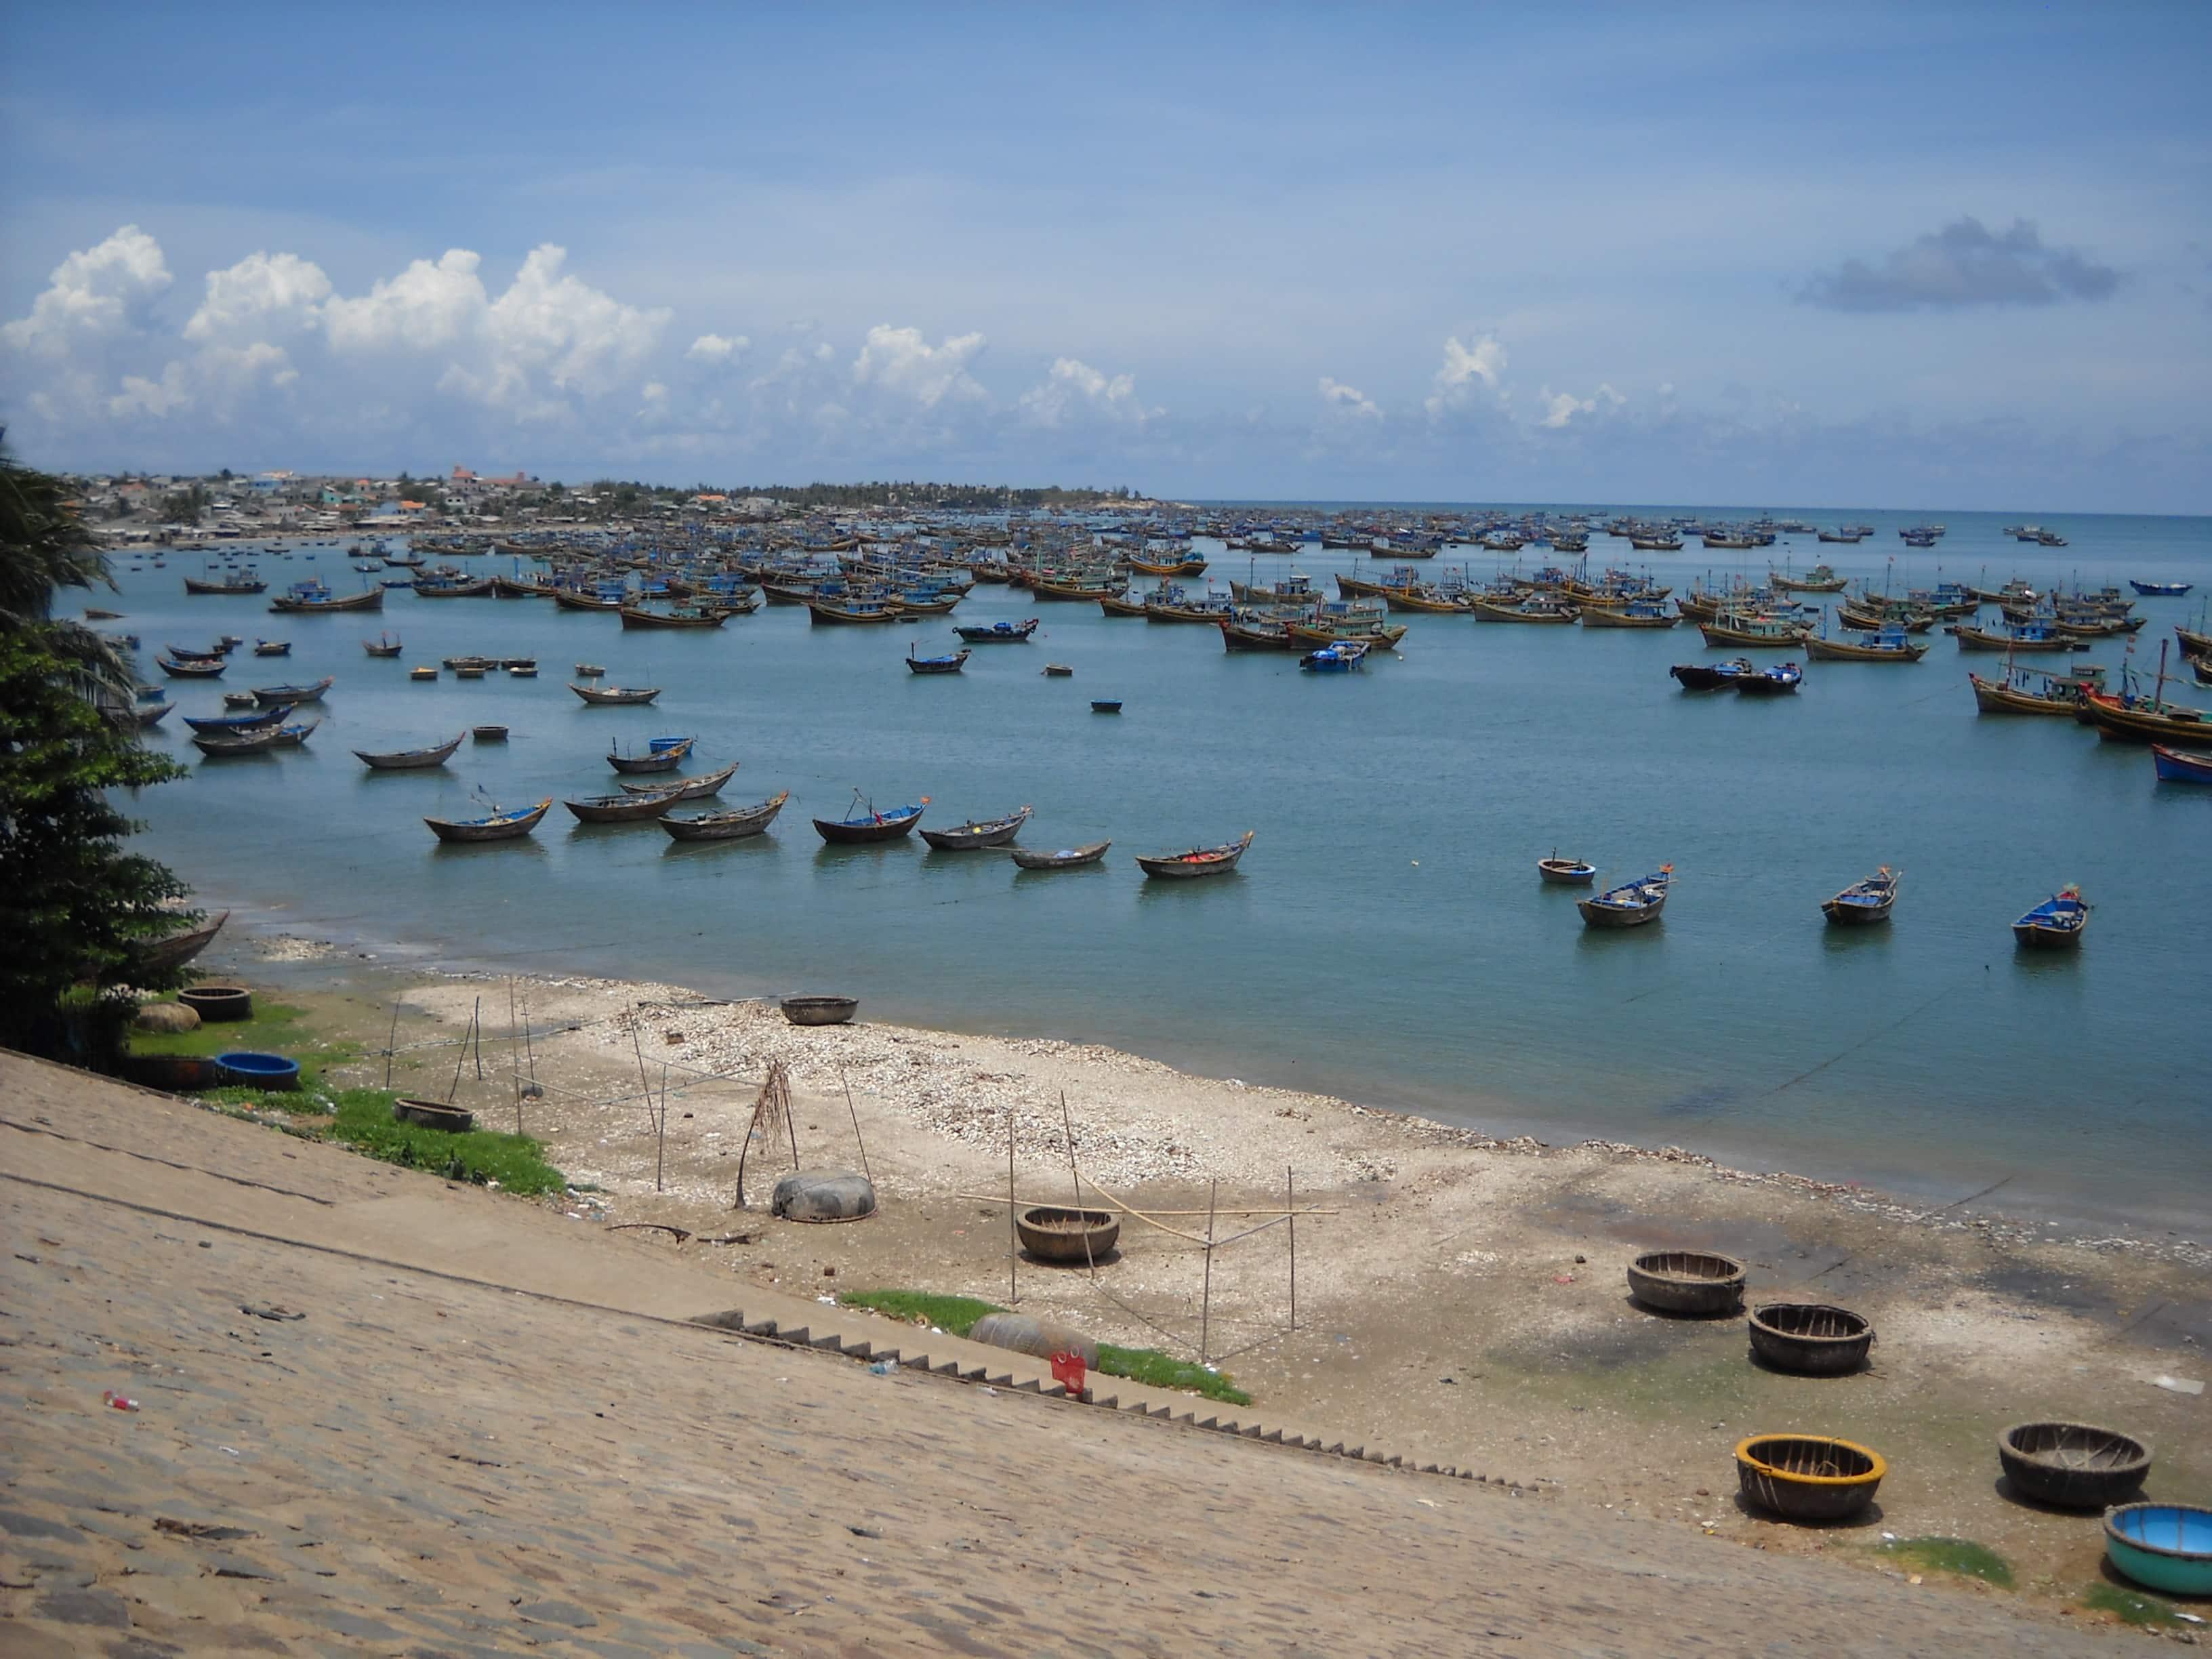 Bán nhớt Repsol chất lượng cao tại Bình Thuận